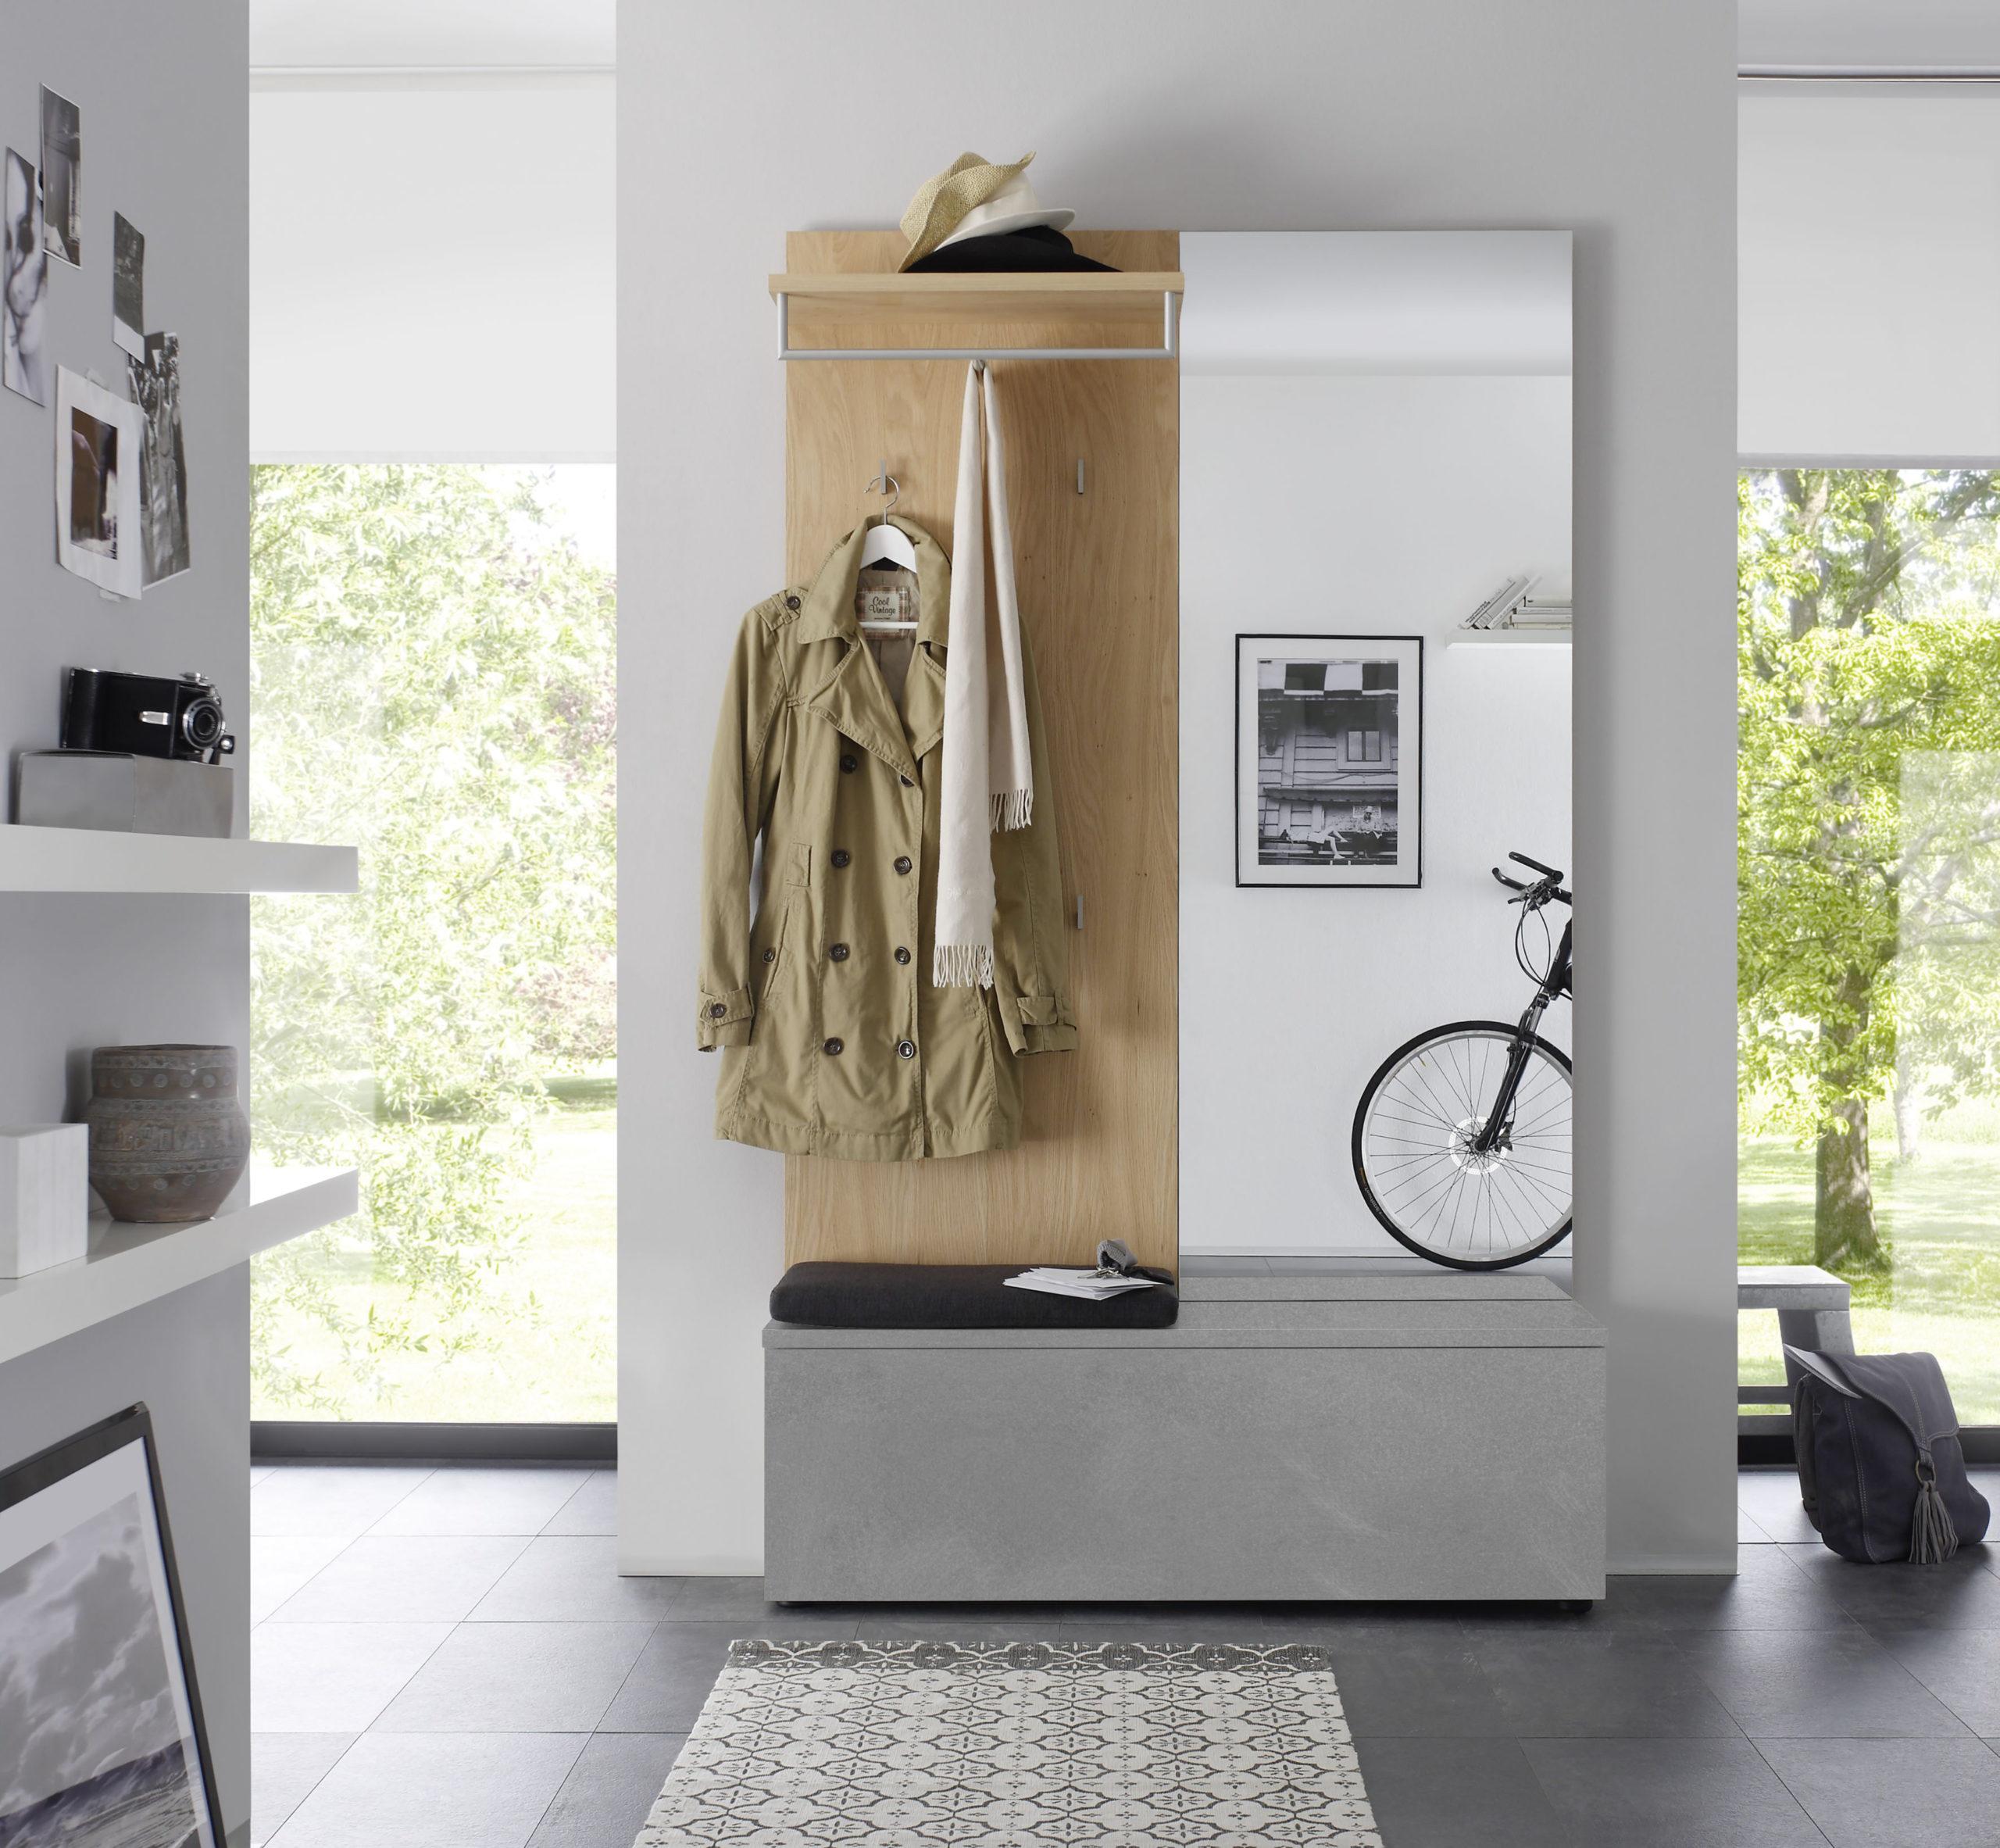 Sudbrock TANDO Garderobe in der Ausführung Ethno Eiche, Stahl hell lackiert gebürstet #422